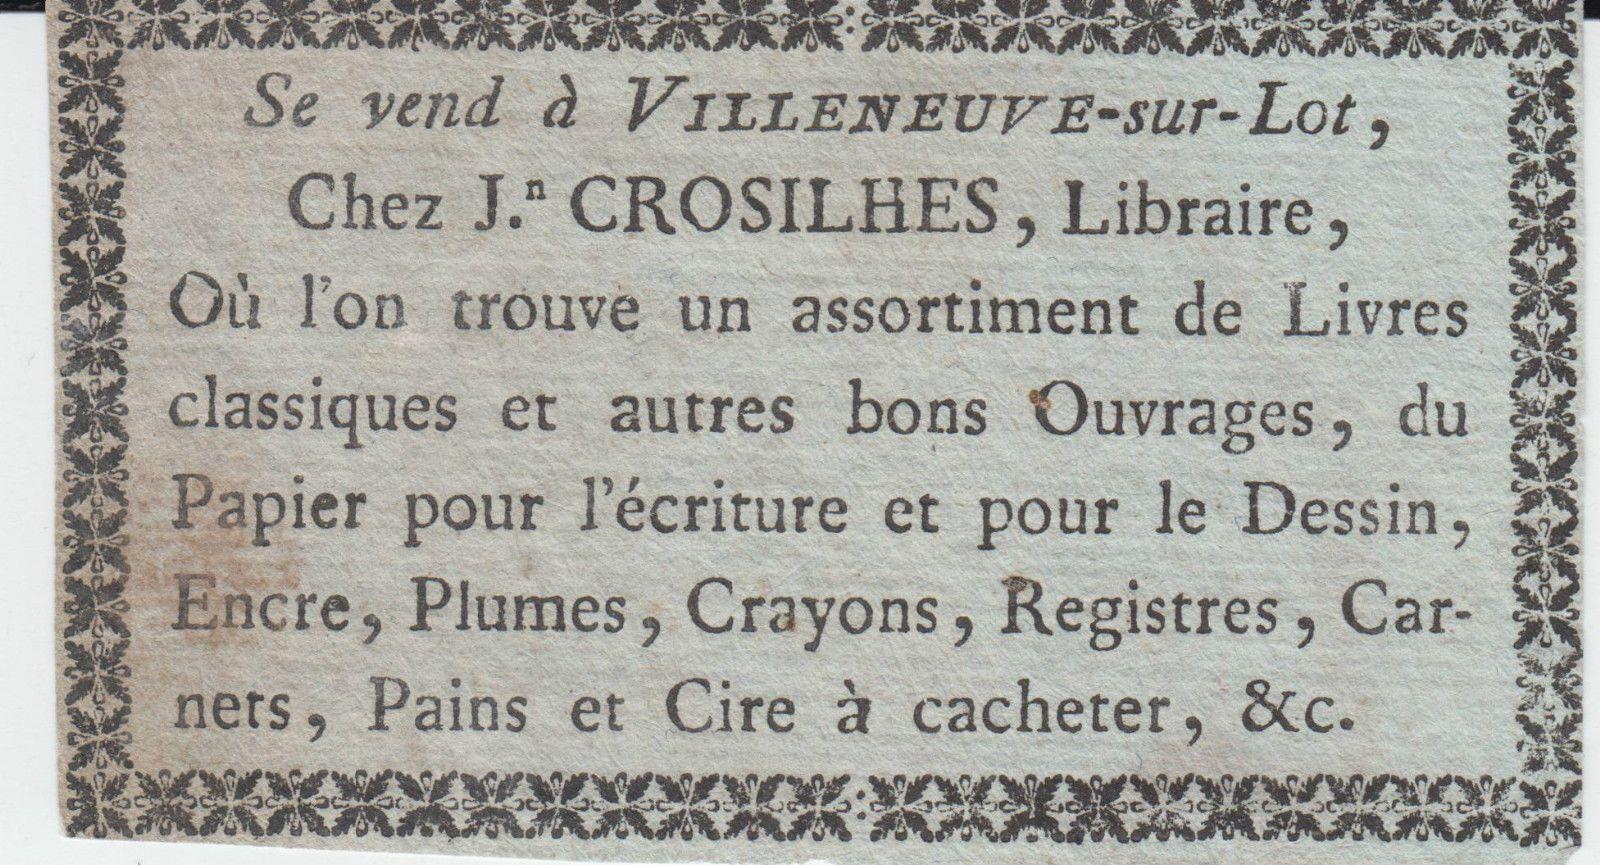 Croisilhes, Villeneuve-sur-Lot - fin 18e s.